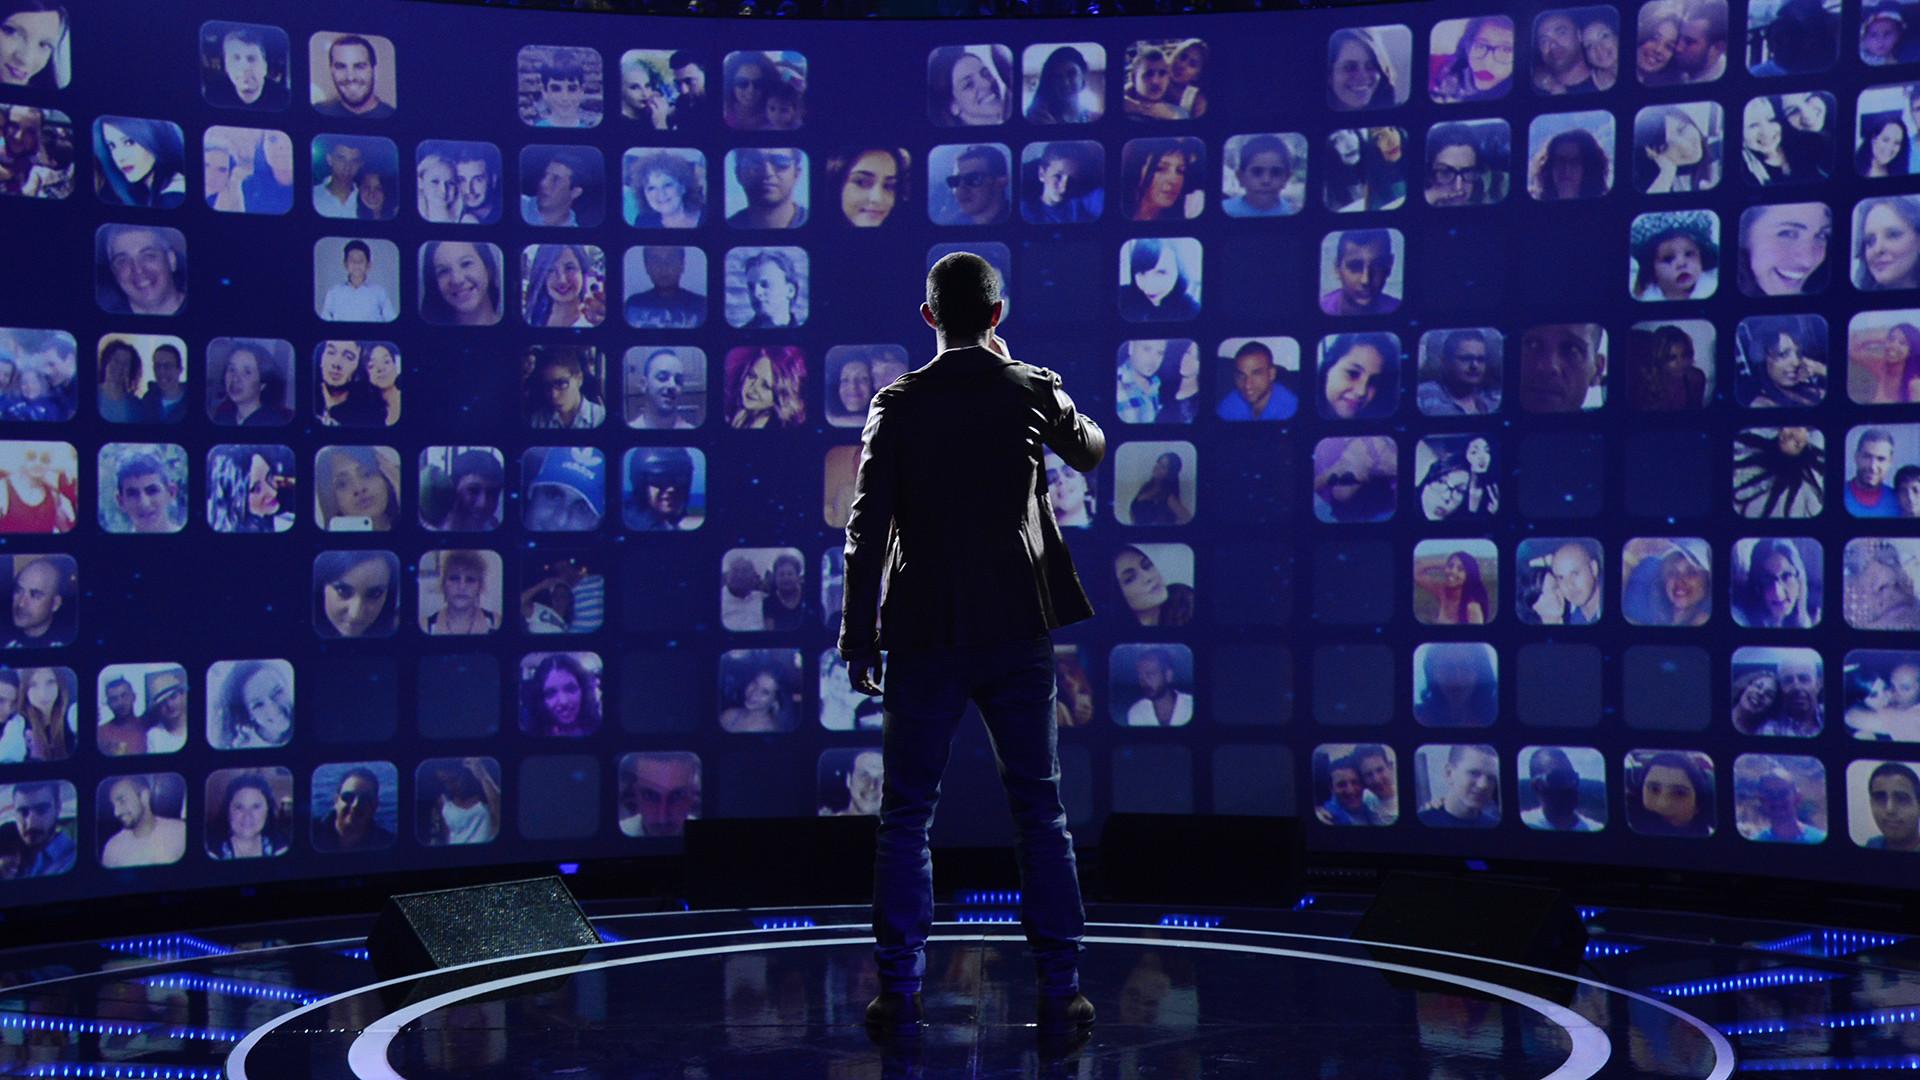 Live Tv Hd Wallpaper 71 Images